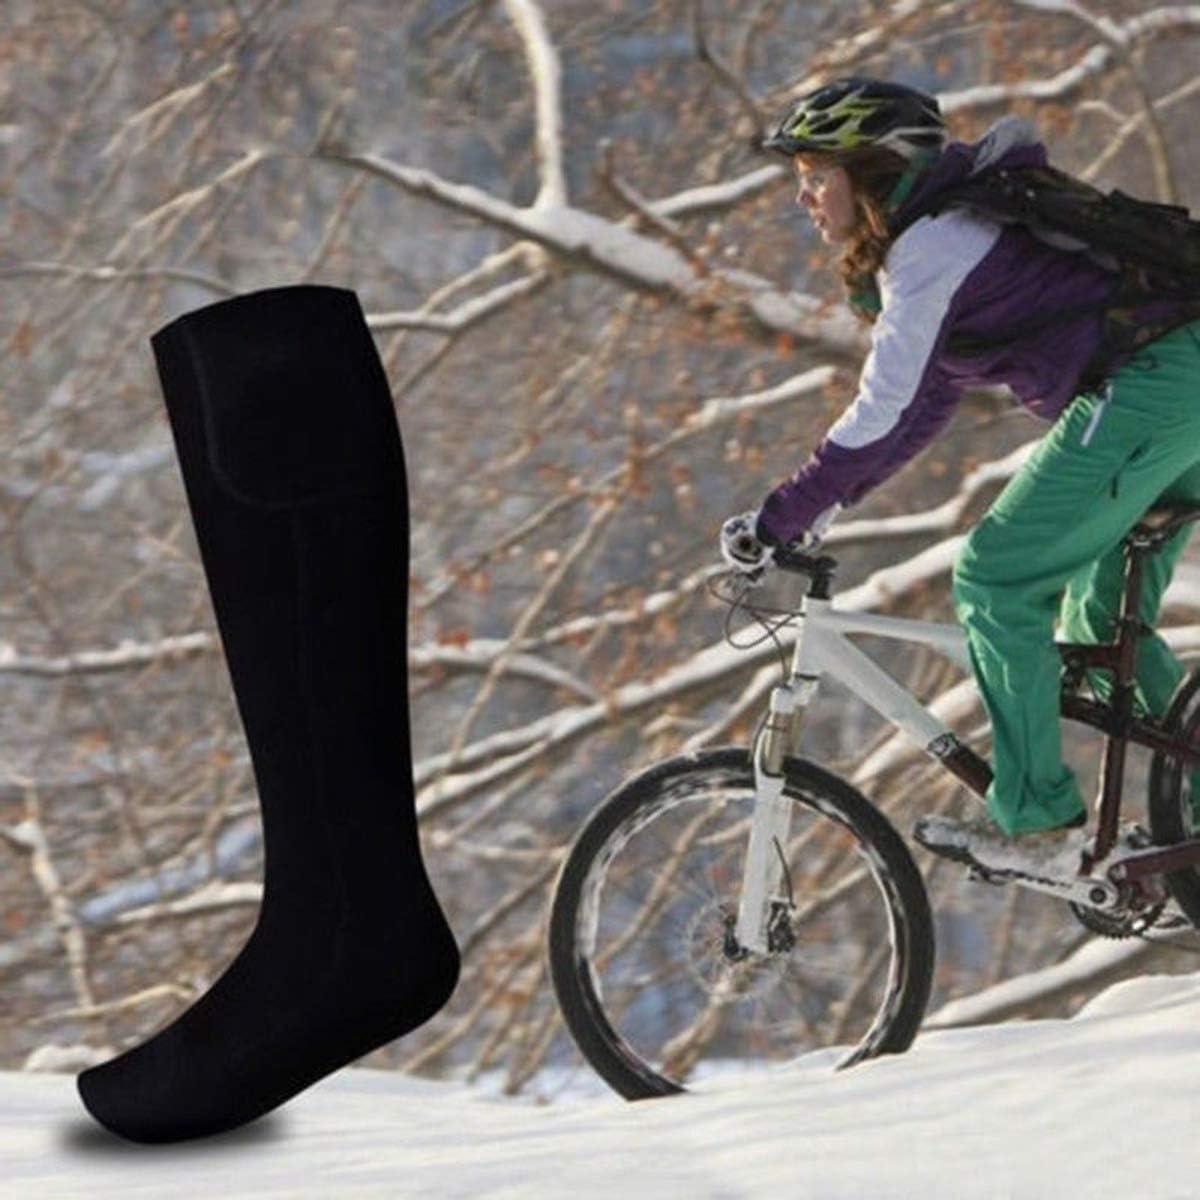 SOONHUA Beheizte Socken Elektrische Wiederaufladbare Batterie Heizsocken f/ür M/änner Frauen Winter Ski Jagd Camping Wandern Reiten Motorrad Warme Baumwollsocken Fu/ßw/ärmer